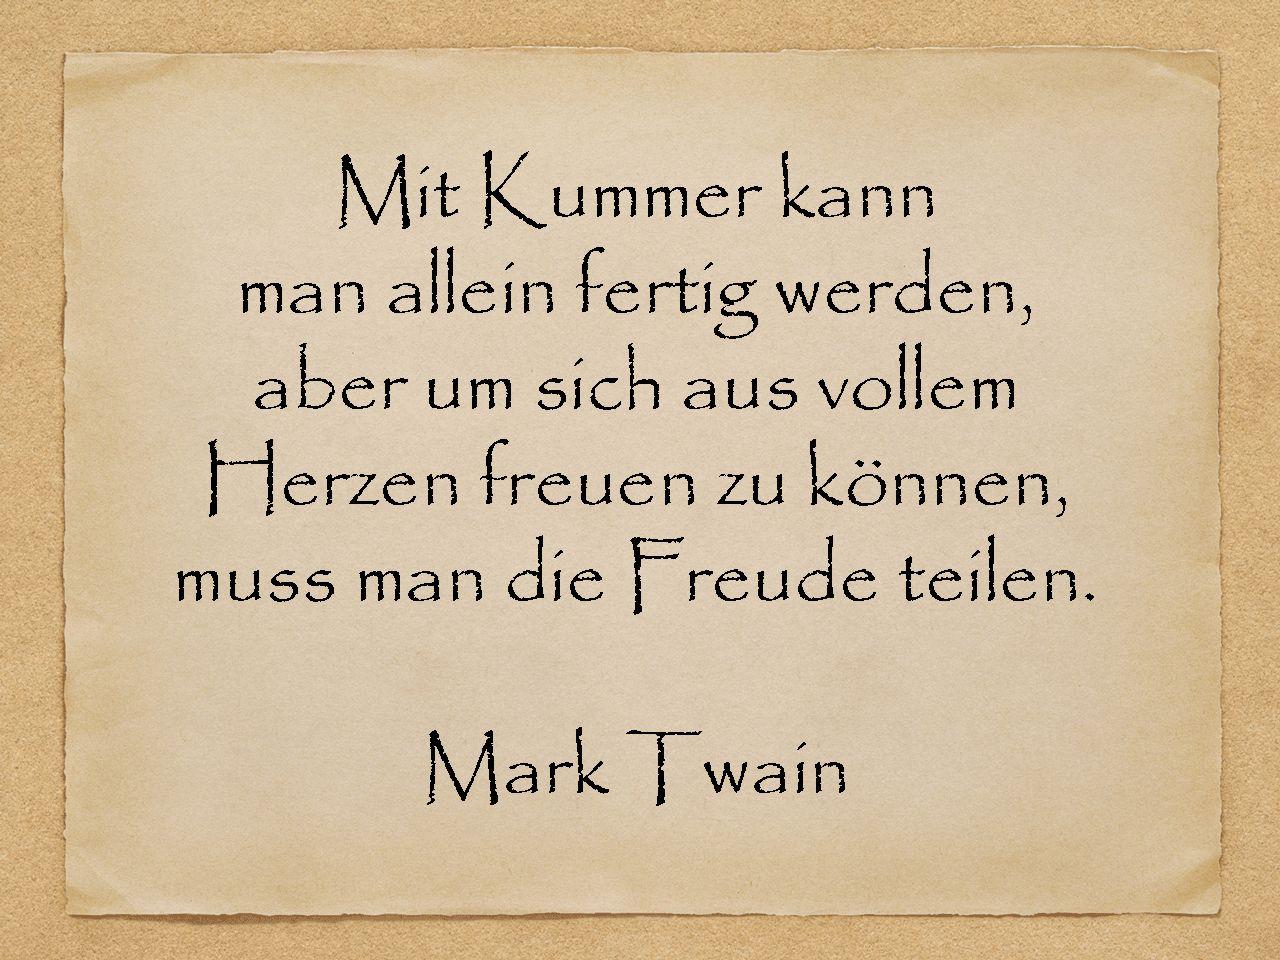 Geburtstagsspruche Mitmer Kann Man Allein Fertig Werden Aber Um Sich Aus Vollem Herzen Freuen Zu Konnen Muss Man Die Freude Teilen Mark Twain